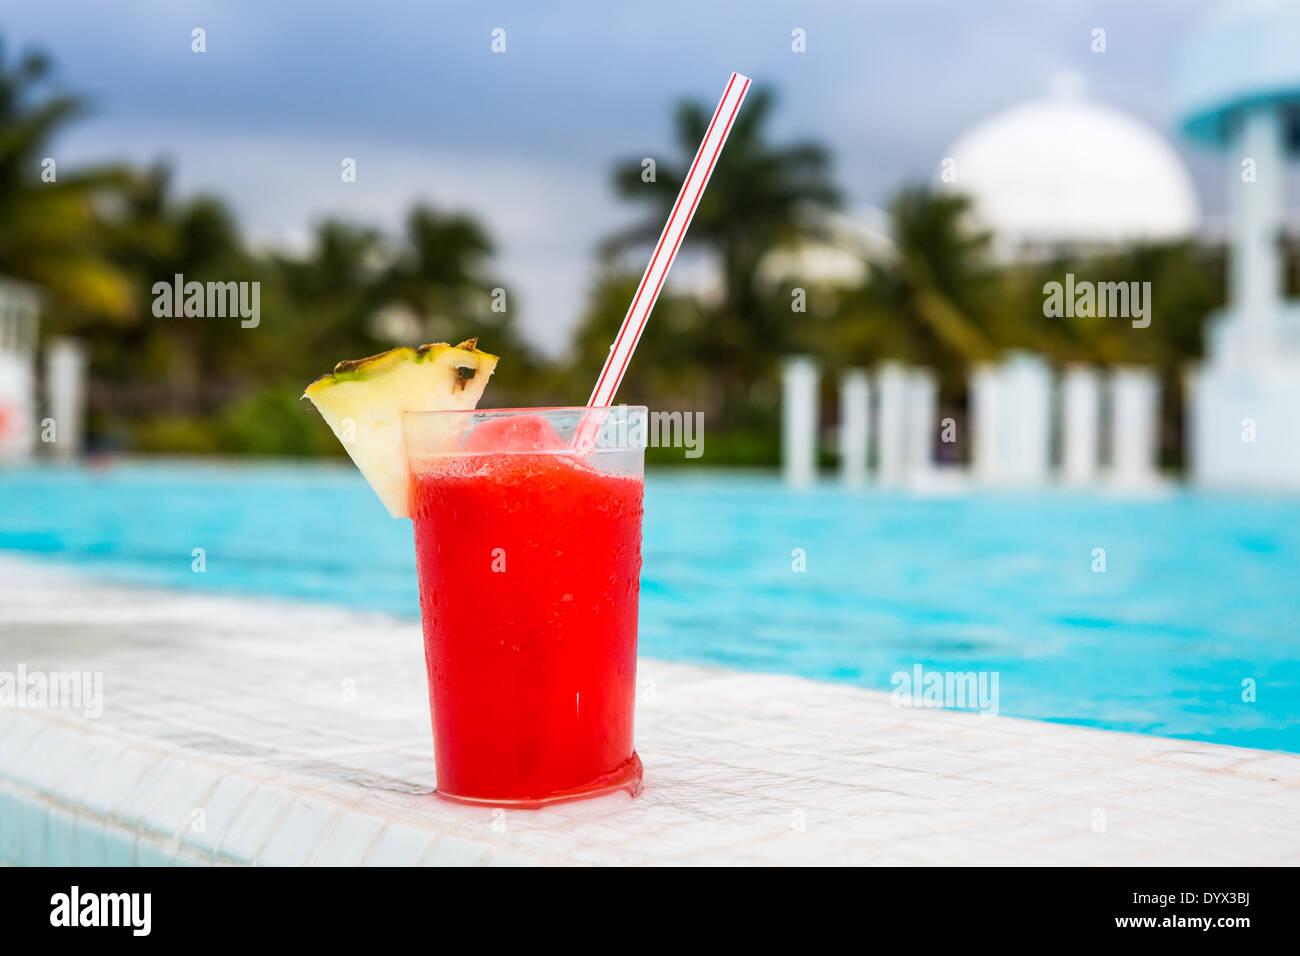 Verre de cocktail daiquiri aux fraises Photo Stock